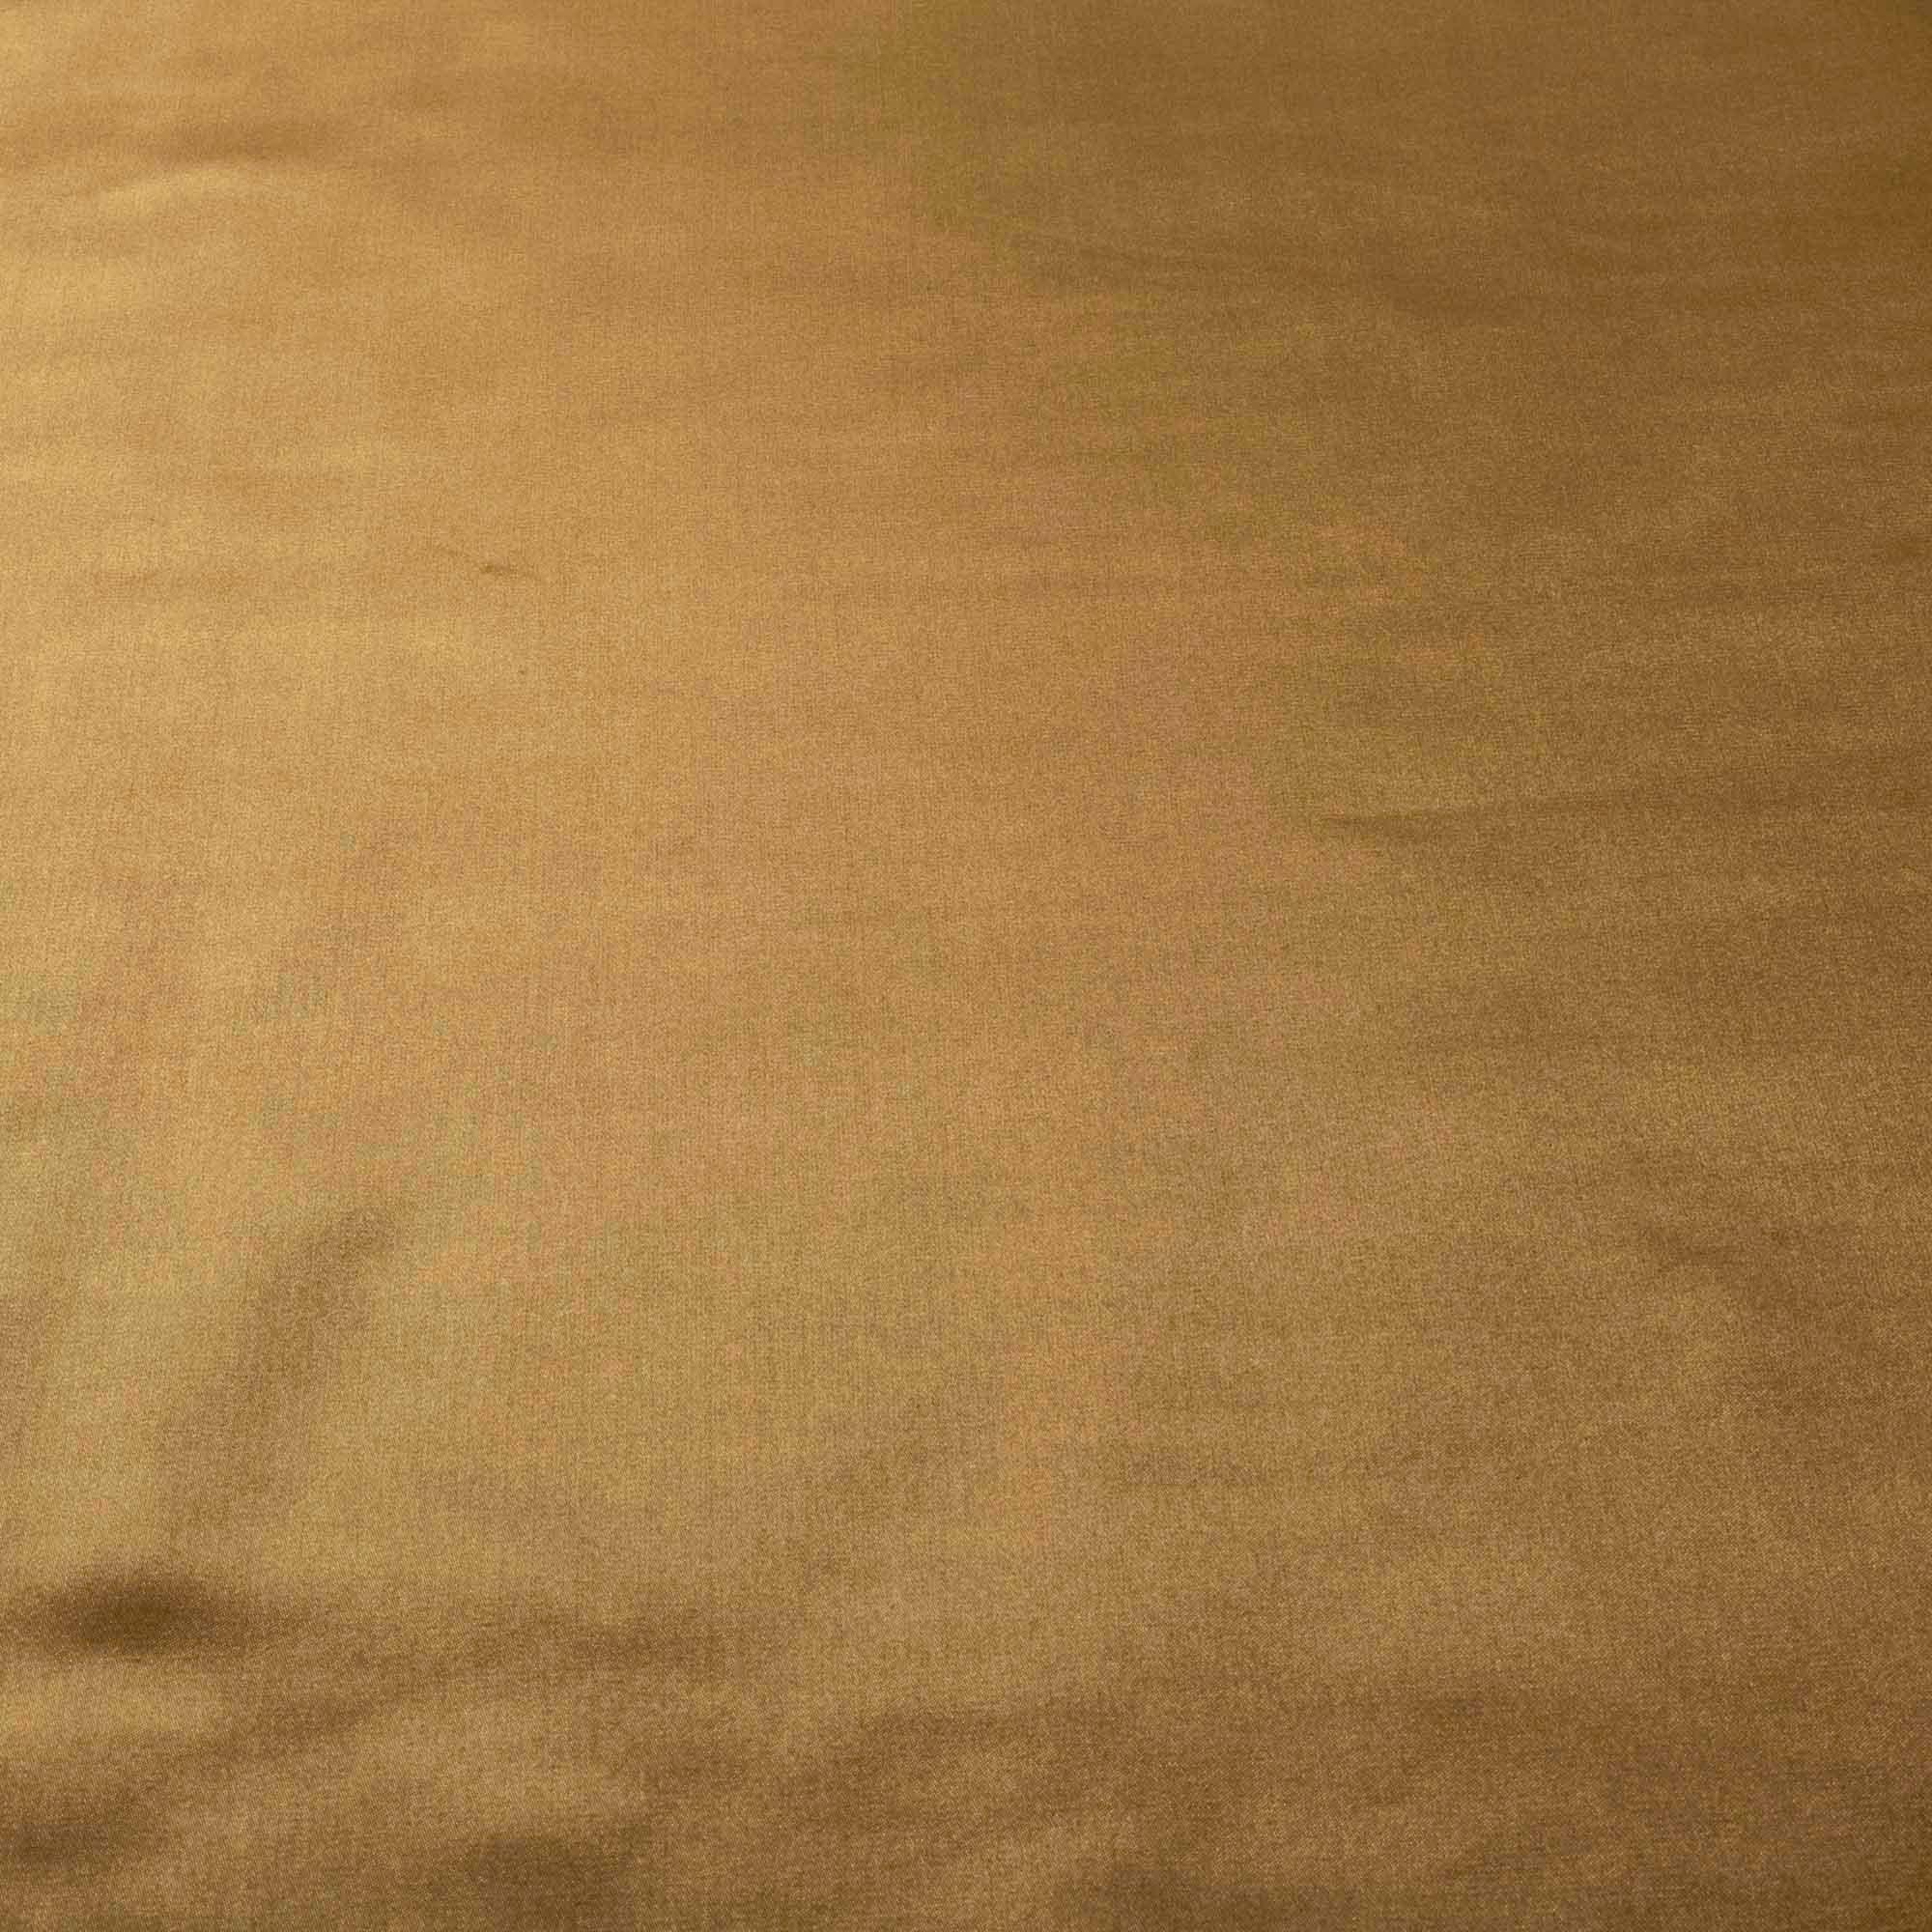 Tecido Cetim Charmeuse Castor 100% Poliester 1,50 Mt Largura